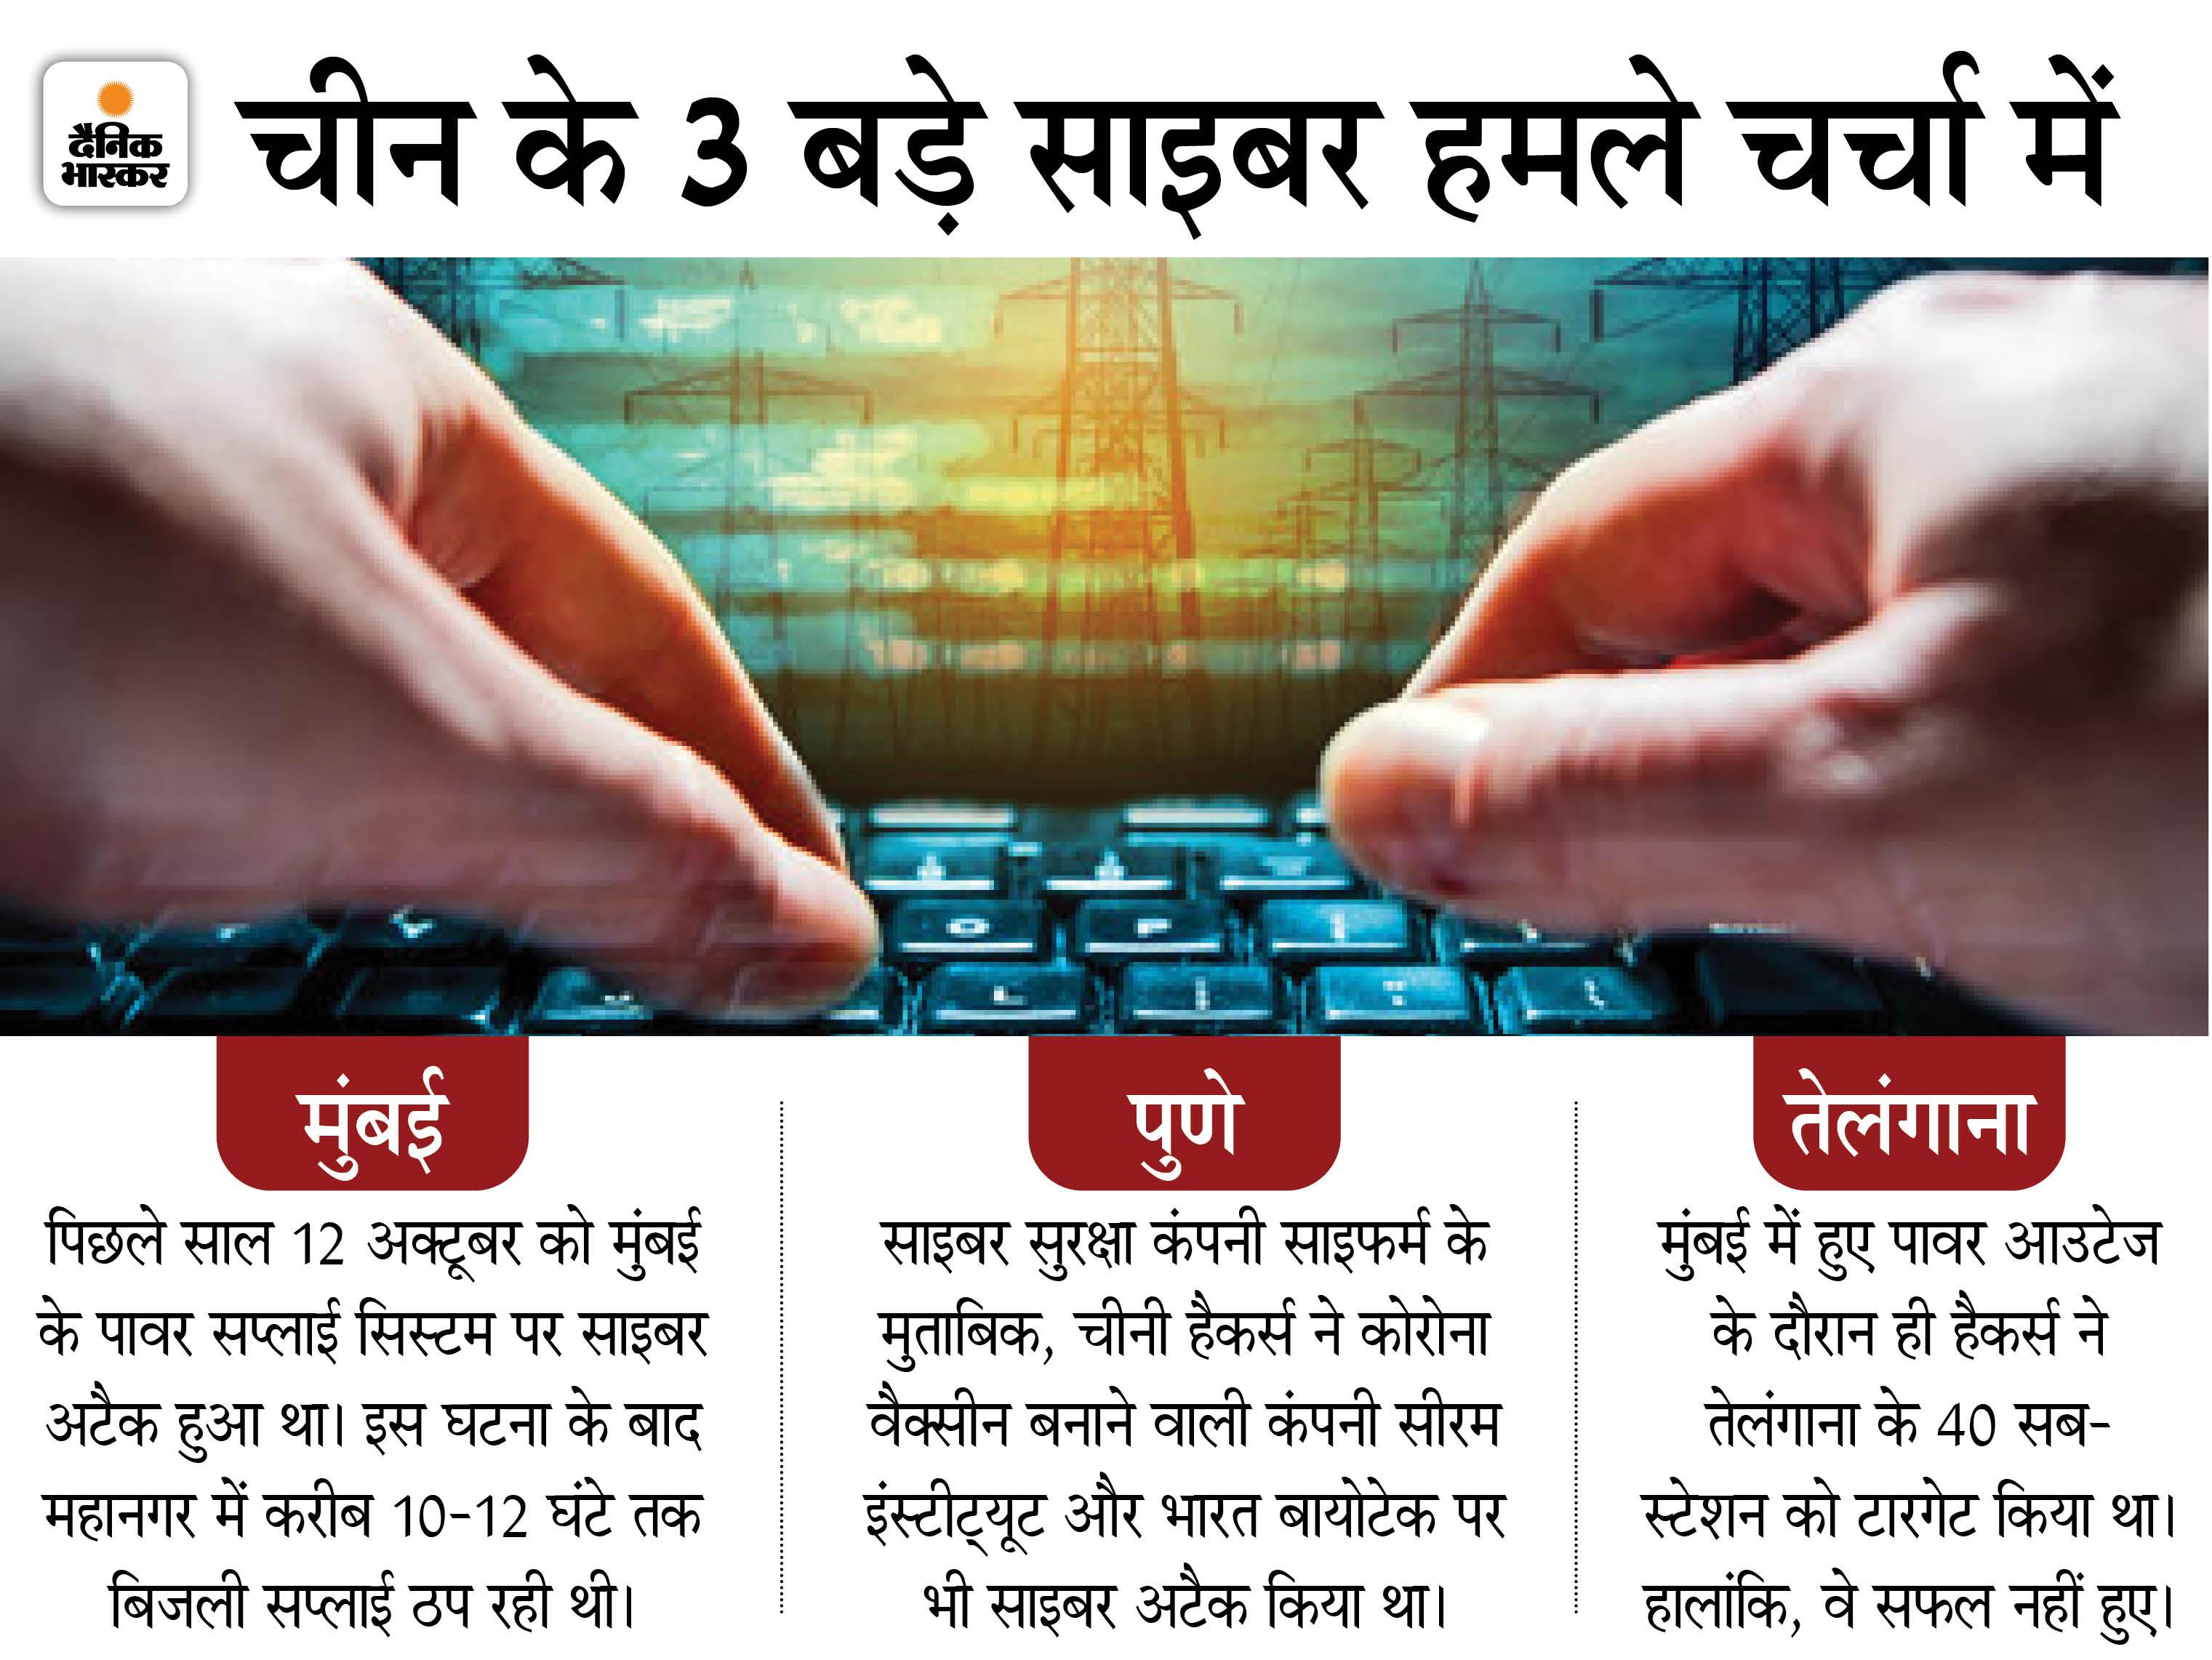 साइबर अटैक पर नया दावा: चीनी हैकर्स ने मुंबई के साथ तेलंगाना में भी की थी ब्लैकआउट की खेती, 40 सब-स्टेशन को किया था तरगेट